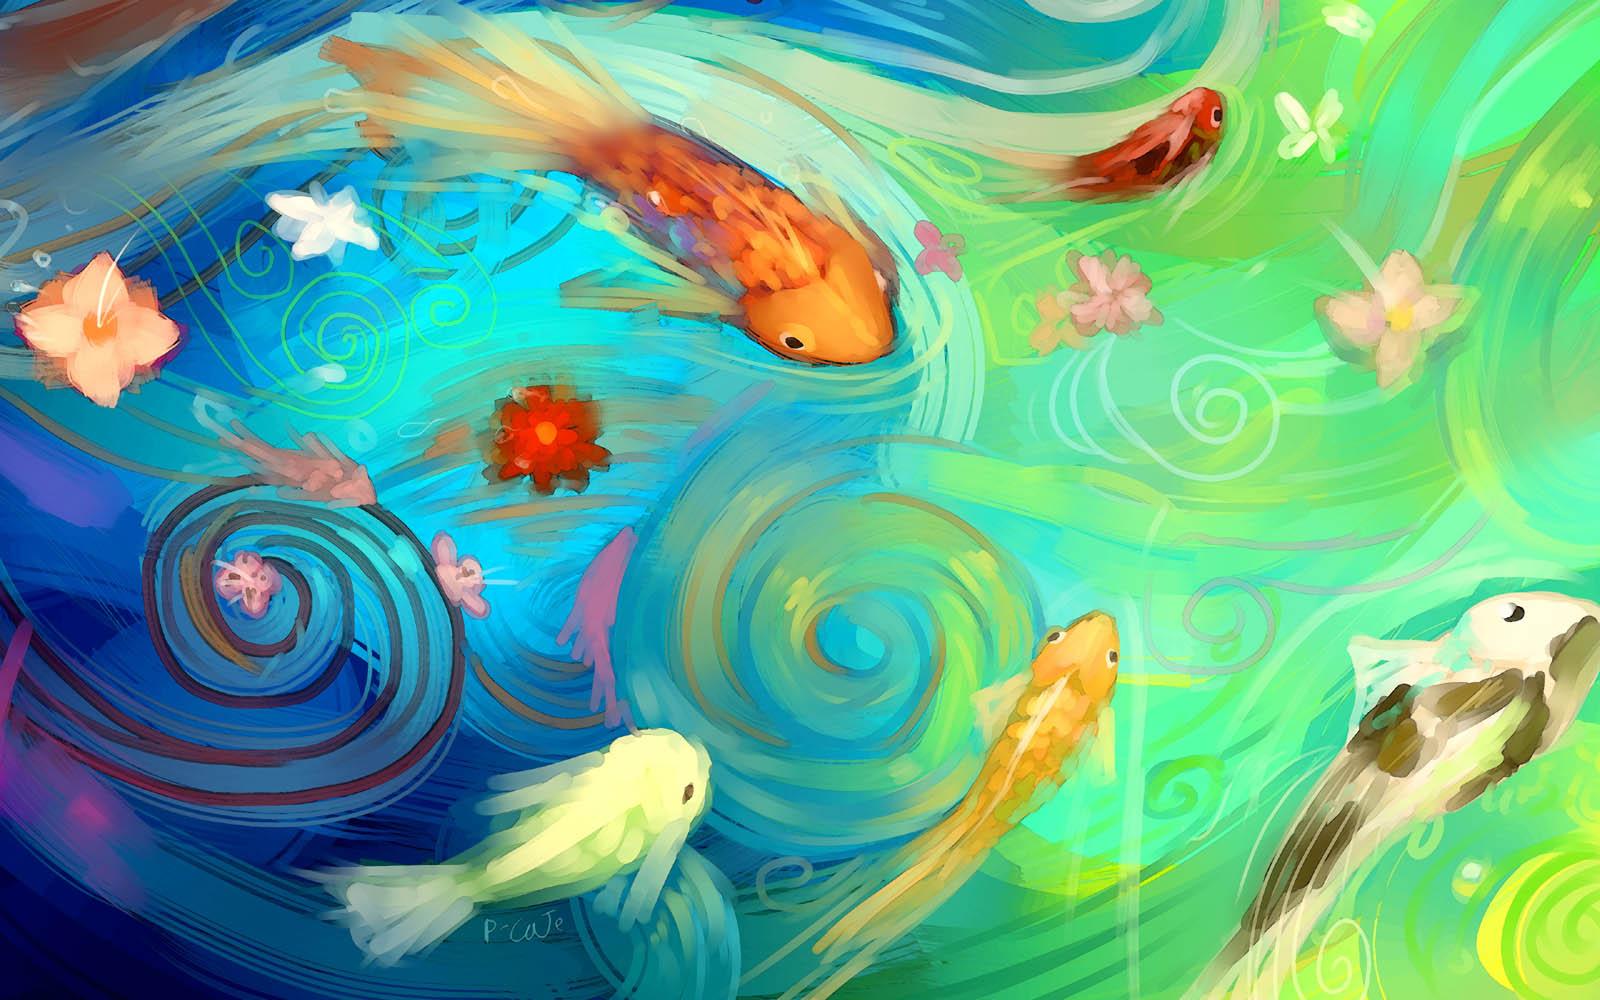 Lukisan Abstrak Hem: Koleksi Gambar Lukisan Abstrak